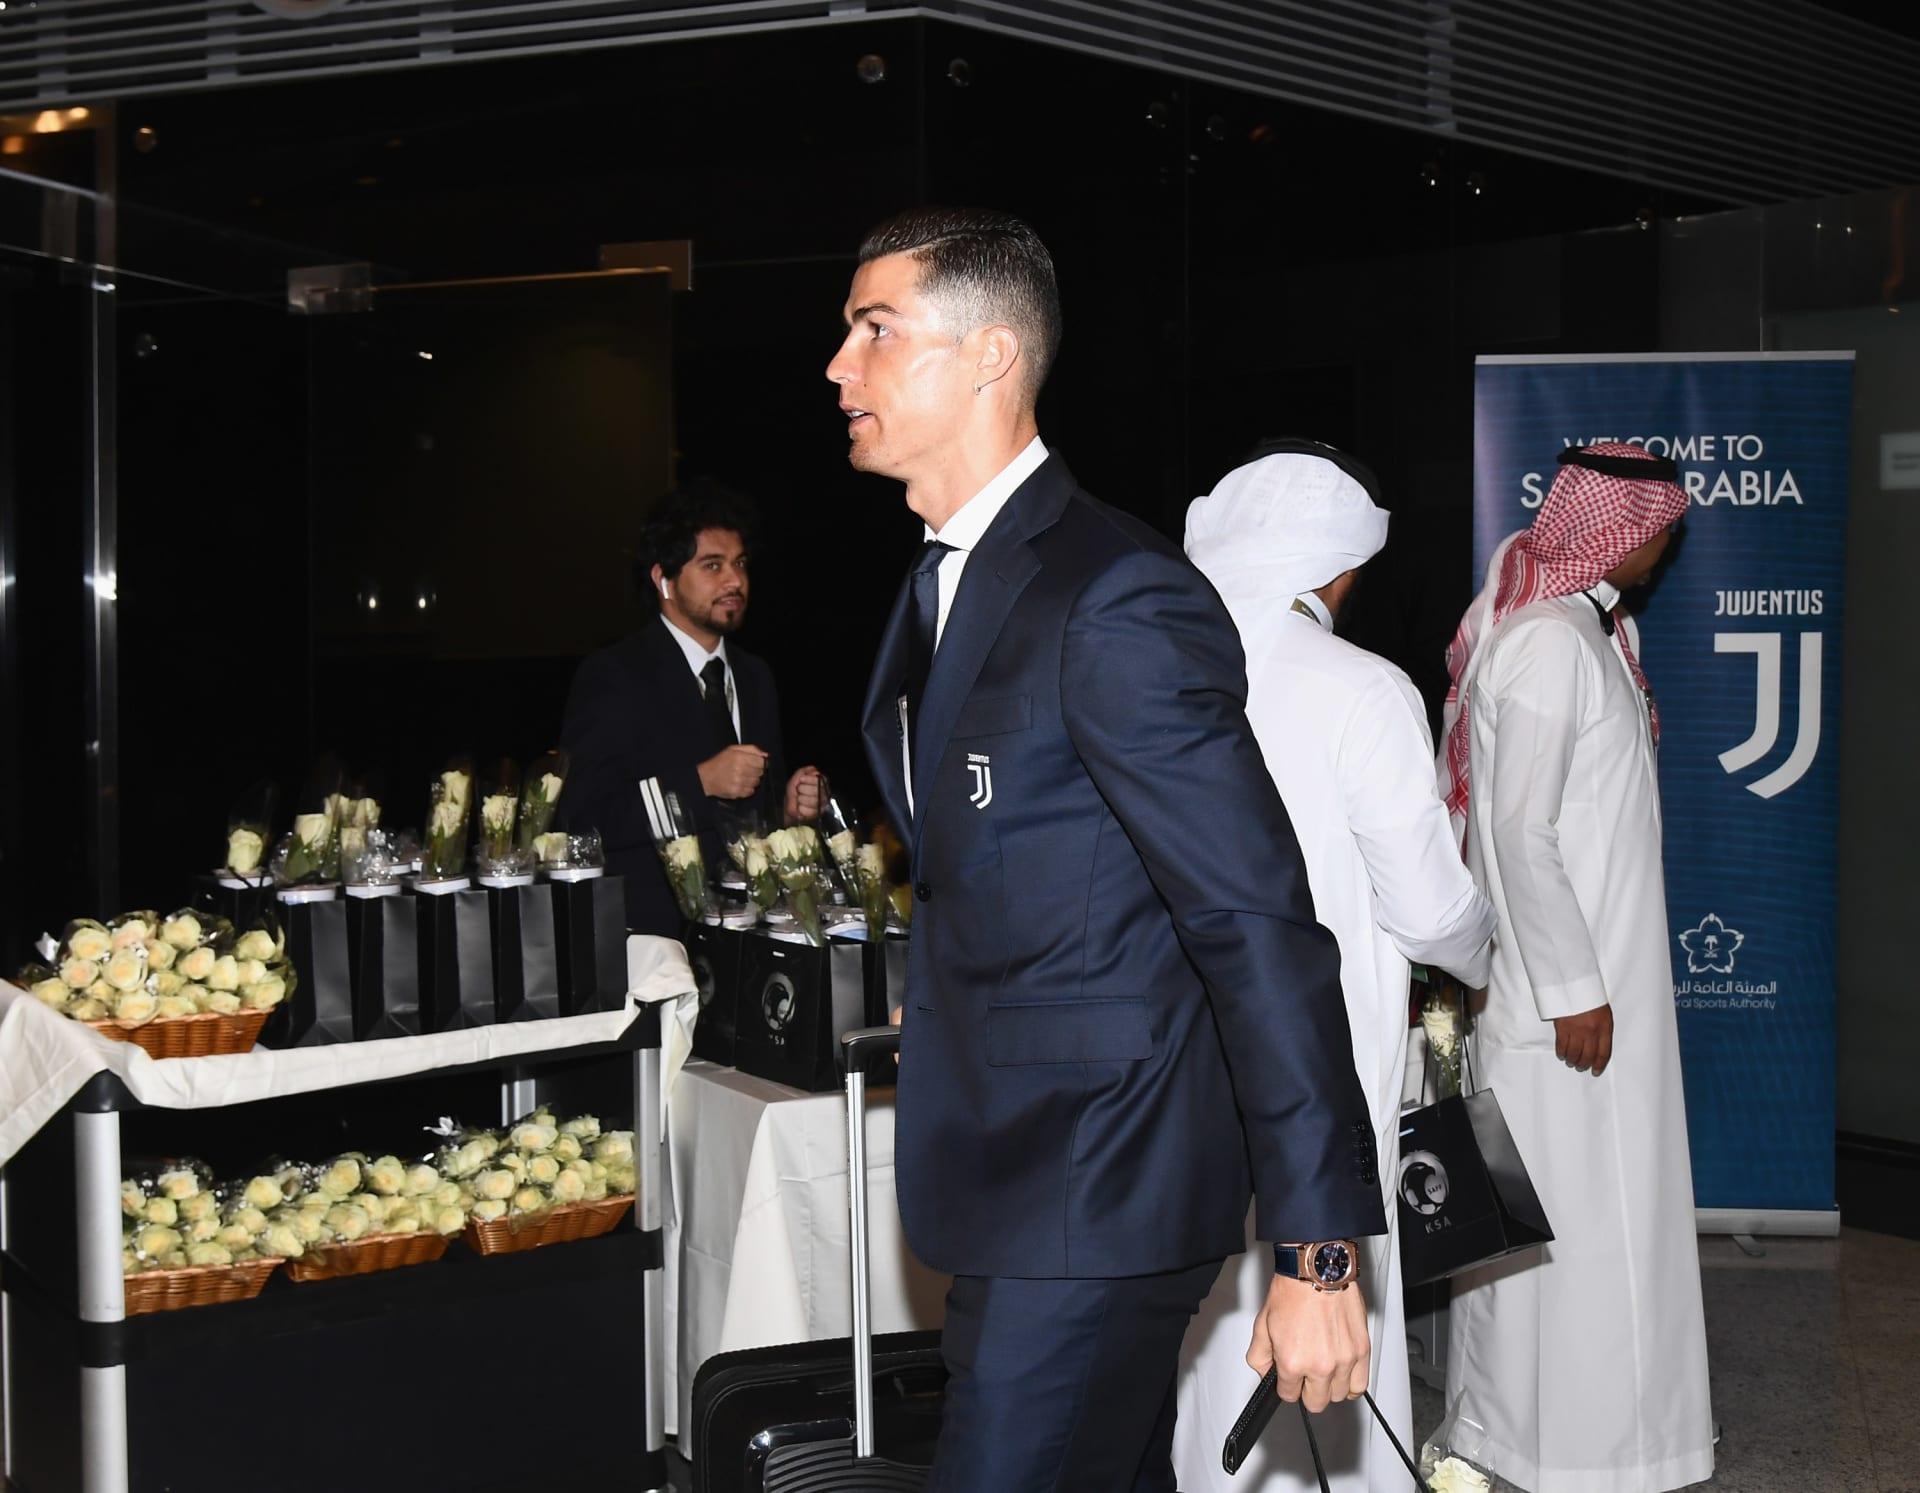 اللقطات الأولى لوصول كريستيانو رونالدو إلى السعودية